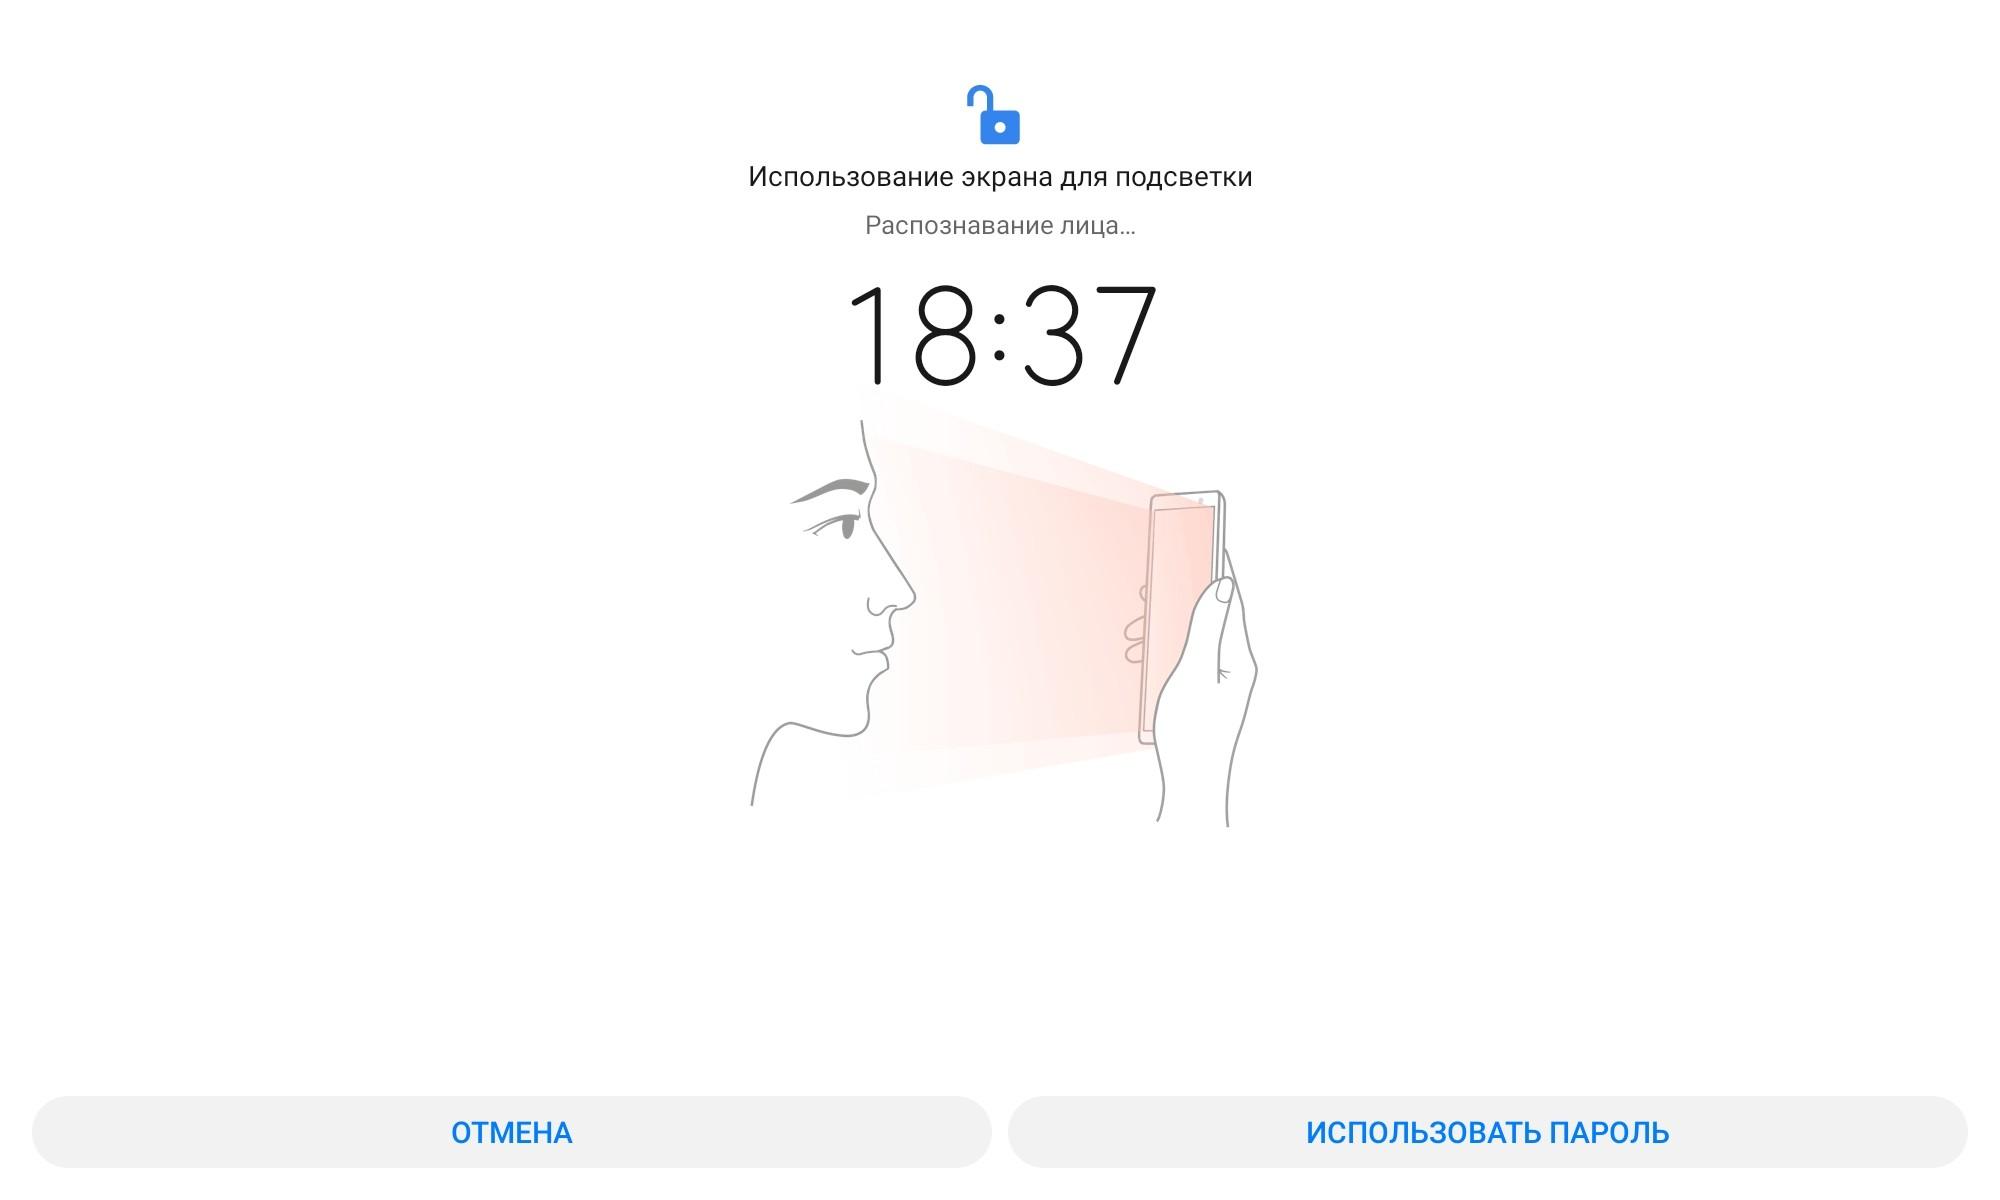 Обзор планшета Huawei MatePad 10.4: больше динамиков и микрофонов!